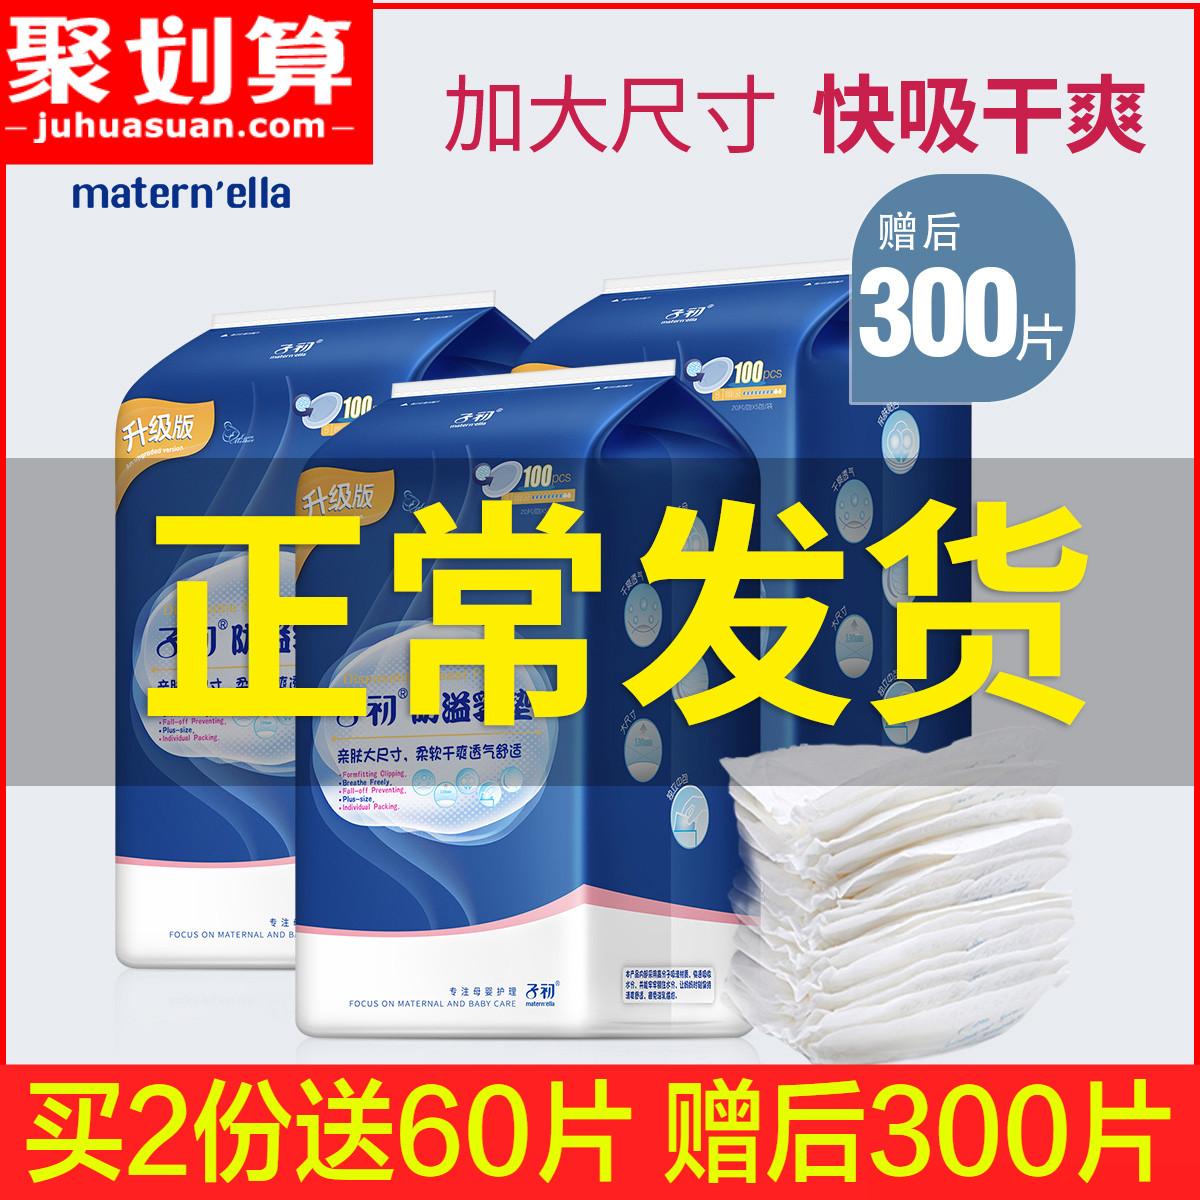 子初防溢乳垫一次性超薄溢乳垫防漏乳垫防益贴溢奶不可洗100片